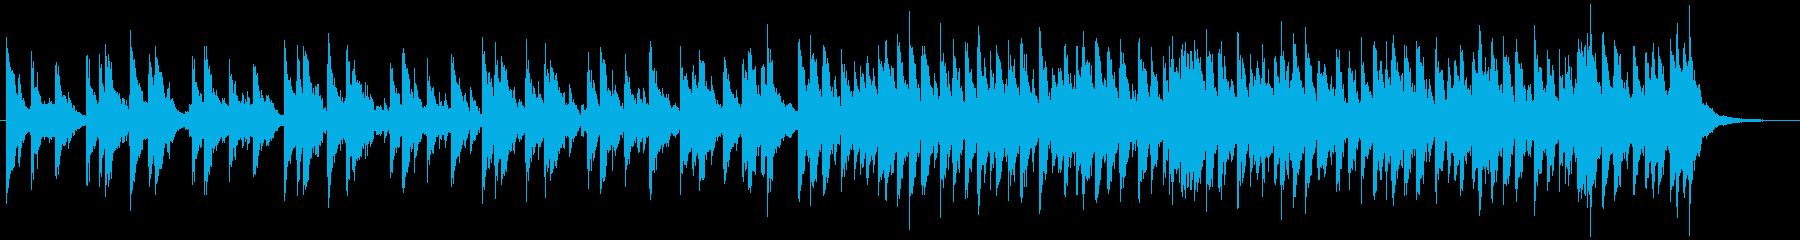 和太鼓アンサンブル&かけ声、力強いDの再生済みの波形